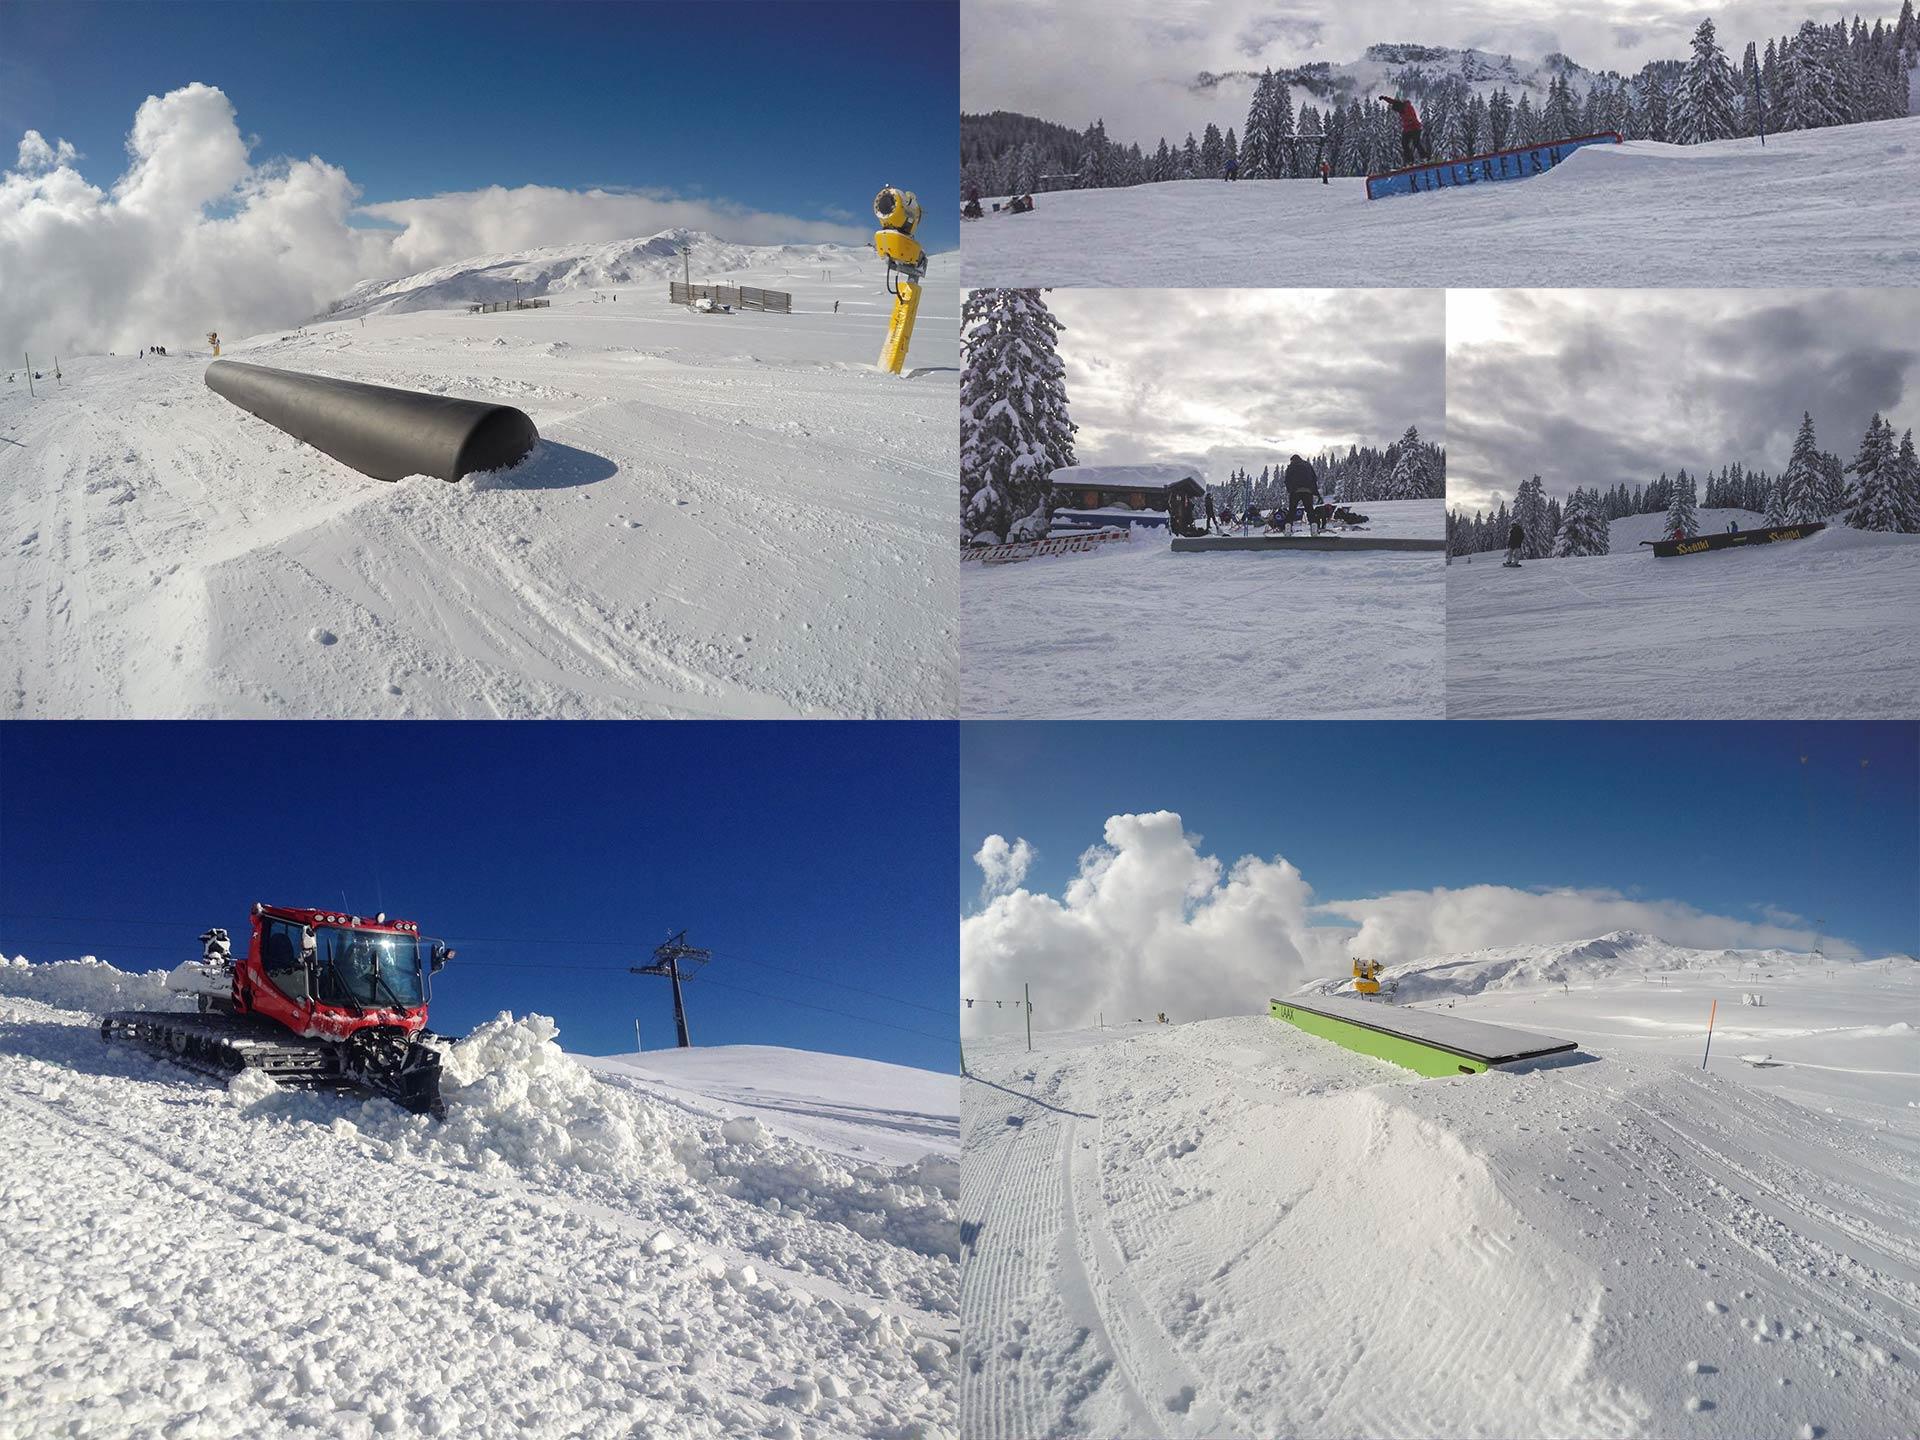 Welche Snowparks haben diese Woche geöffnet?